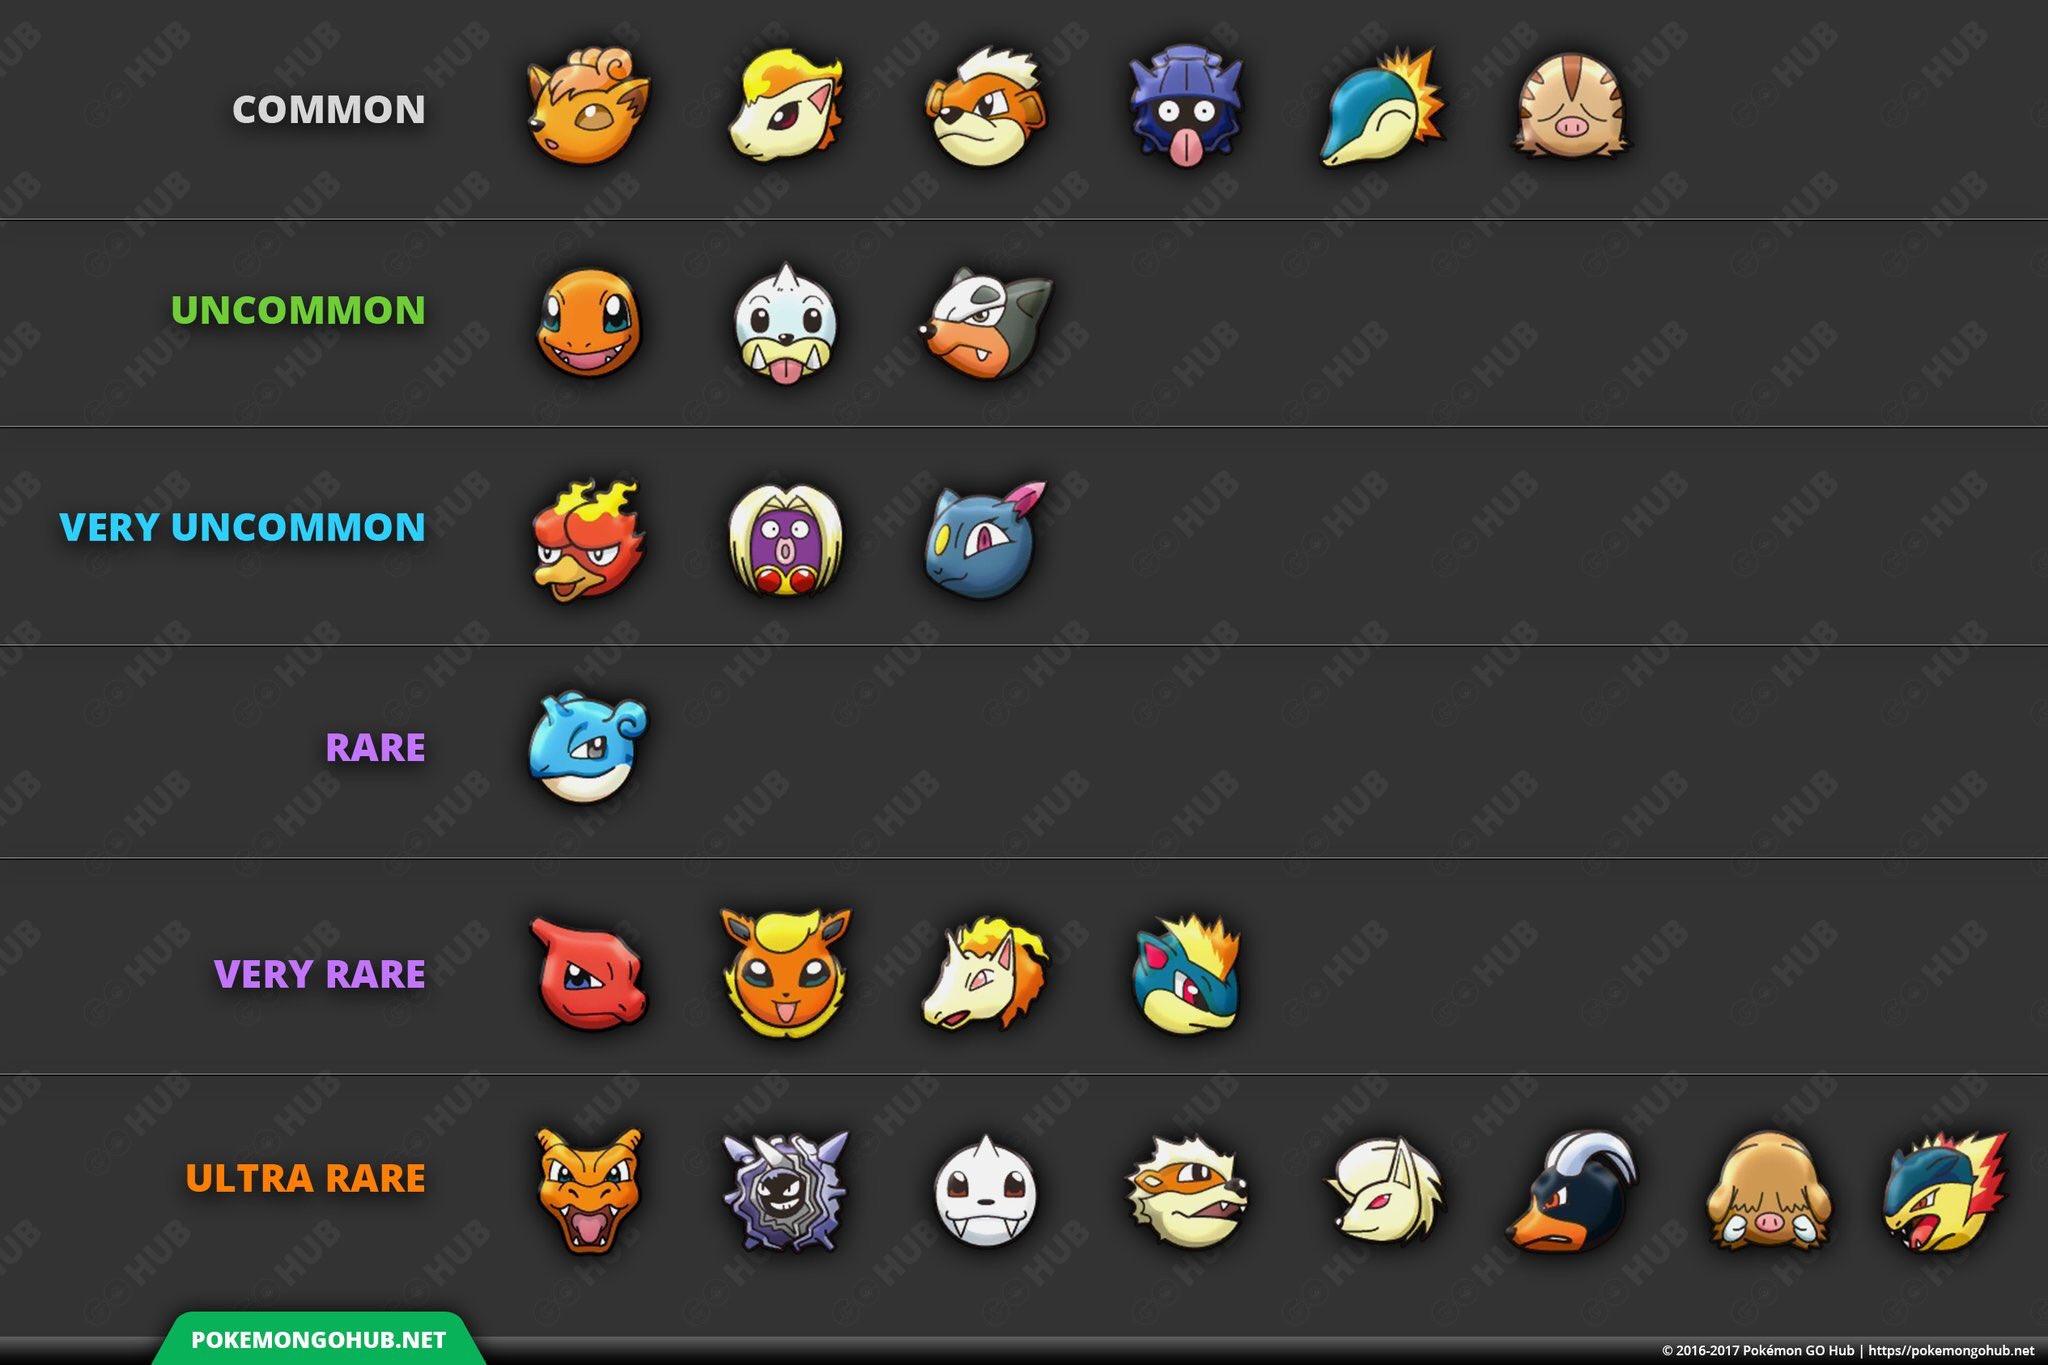 Nuevo evento de hielo y fuego para Pokémon GO